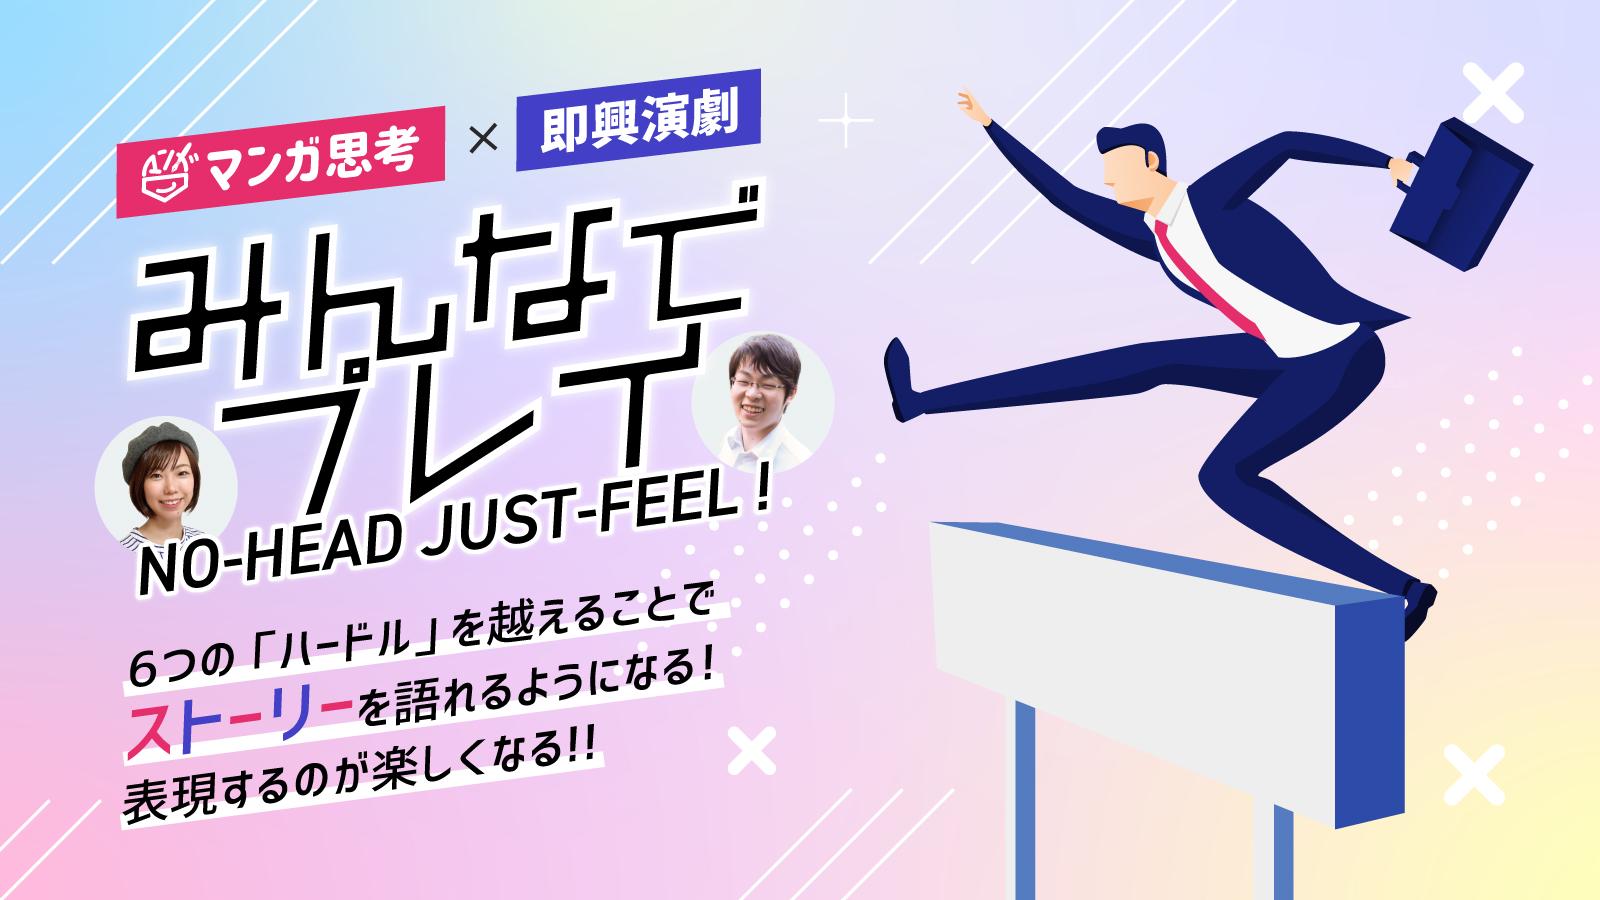 【5月30日14:00〜16:00】即興演劇×マンガ思考®︎ワークショップ